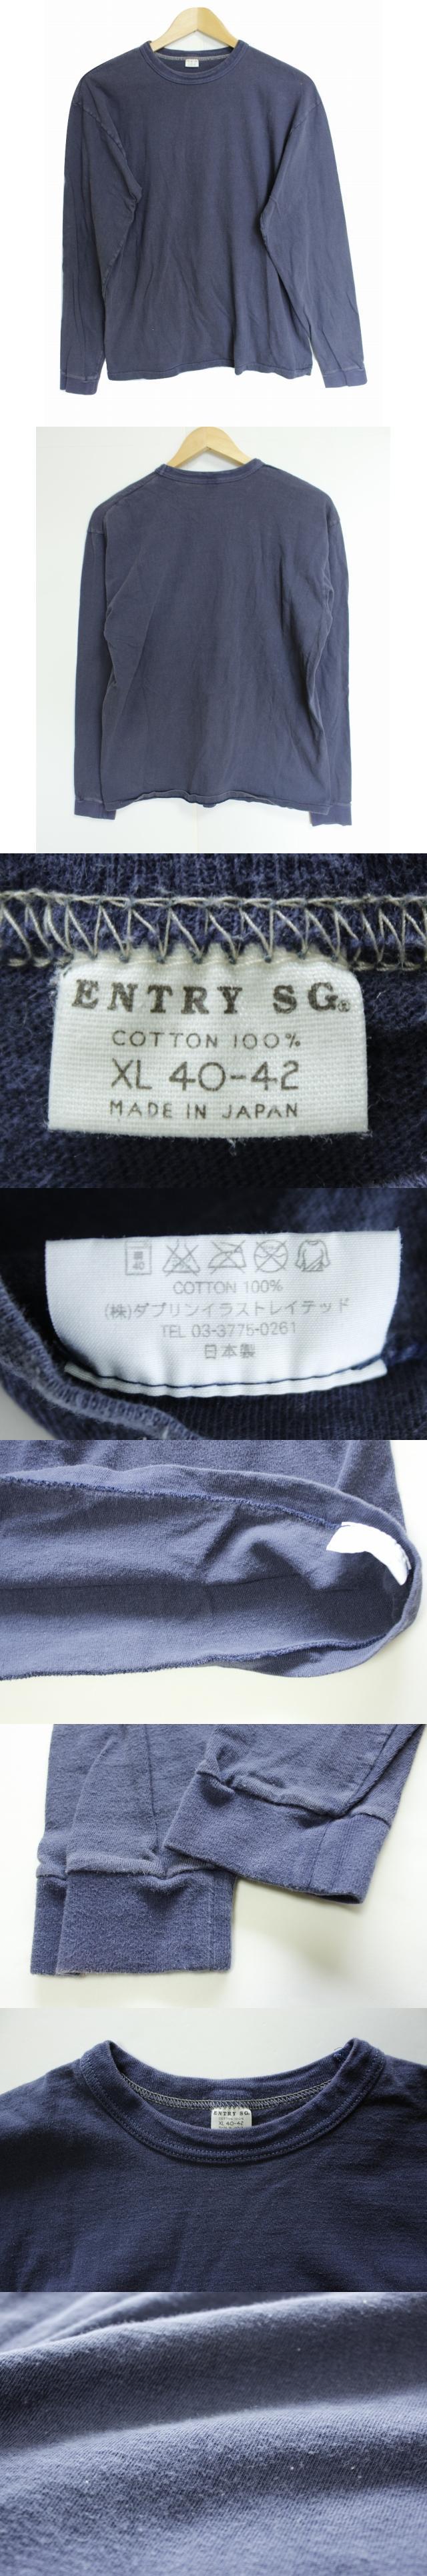 エントリーセスジー ENTRY SG 長袖 カットソー XL 紺 綿100% コットン 丸首 クルーネック 無地 長袖Tシャツ シンプル トップス 日本製